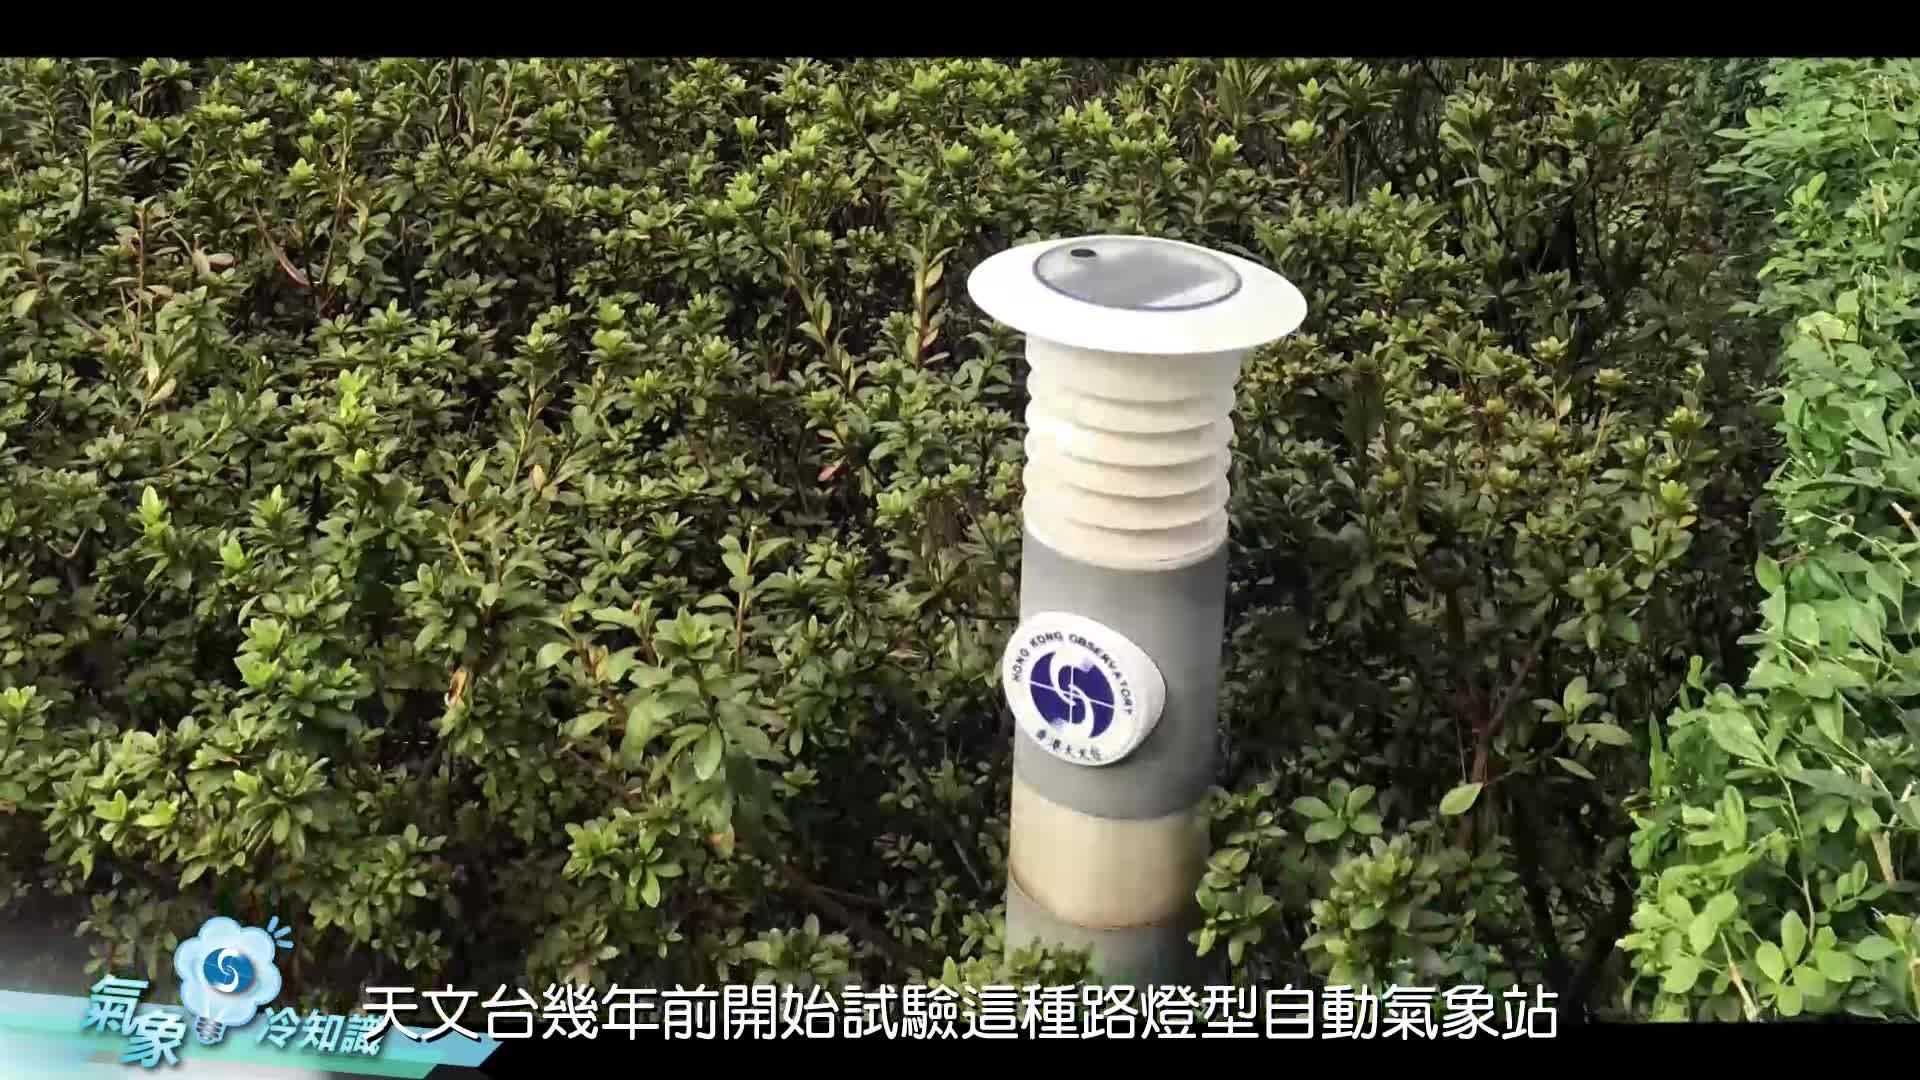 路燈型自動氣象站